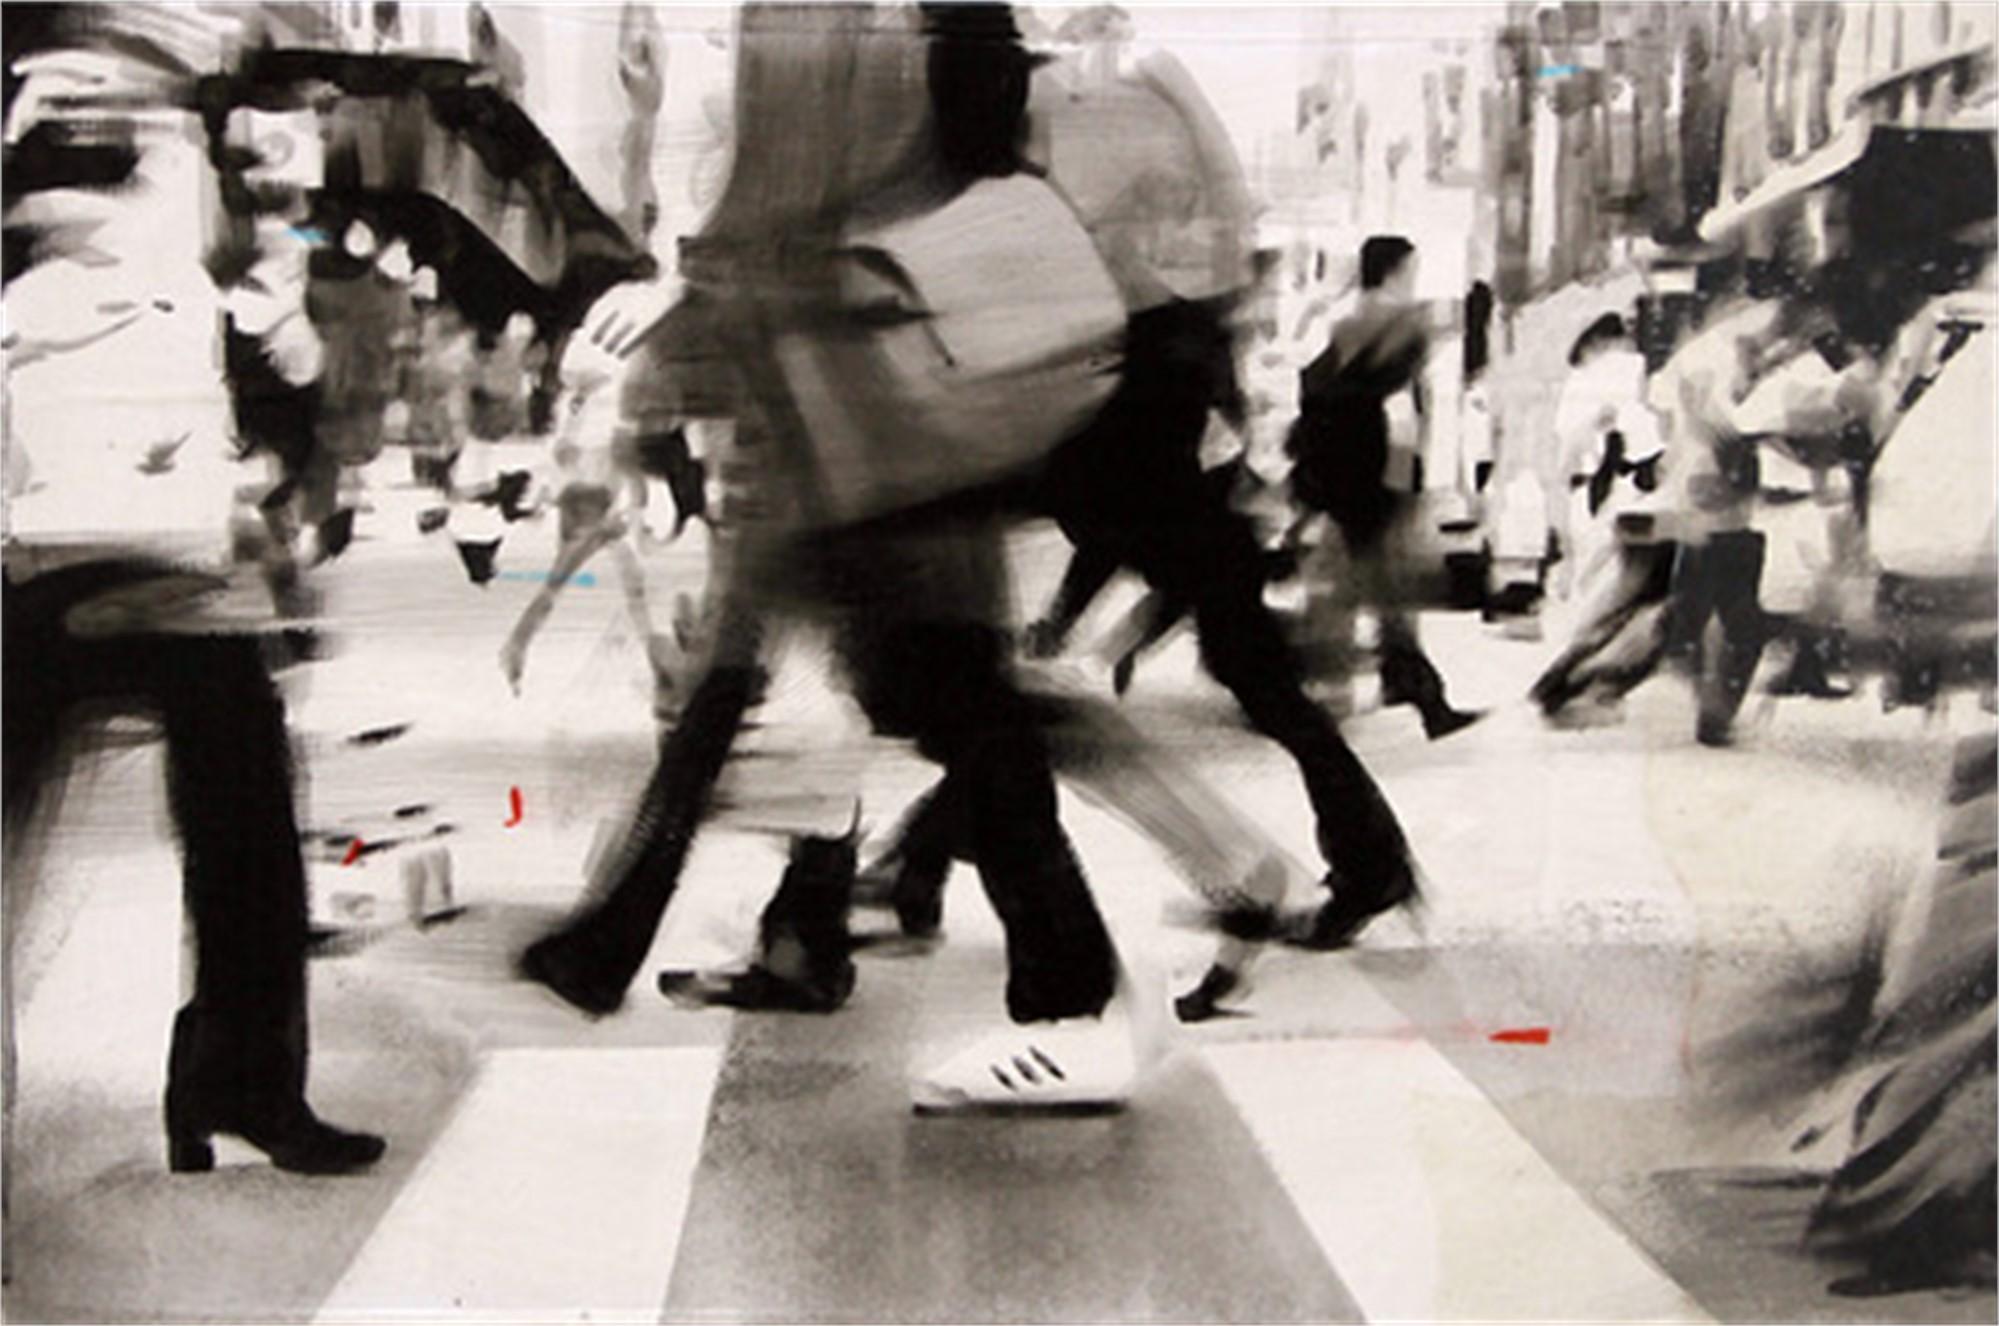 Walk 1 by Federico Arcuri